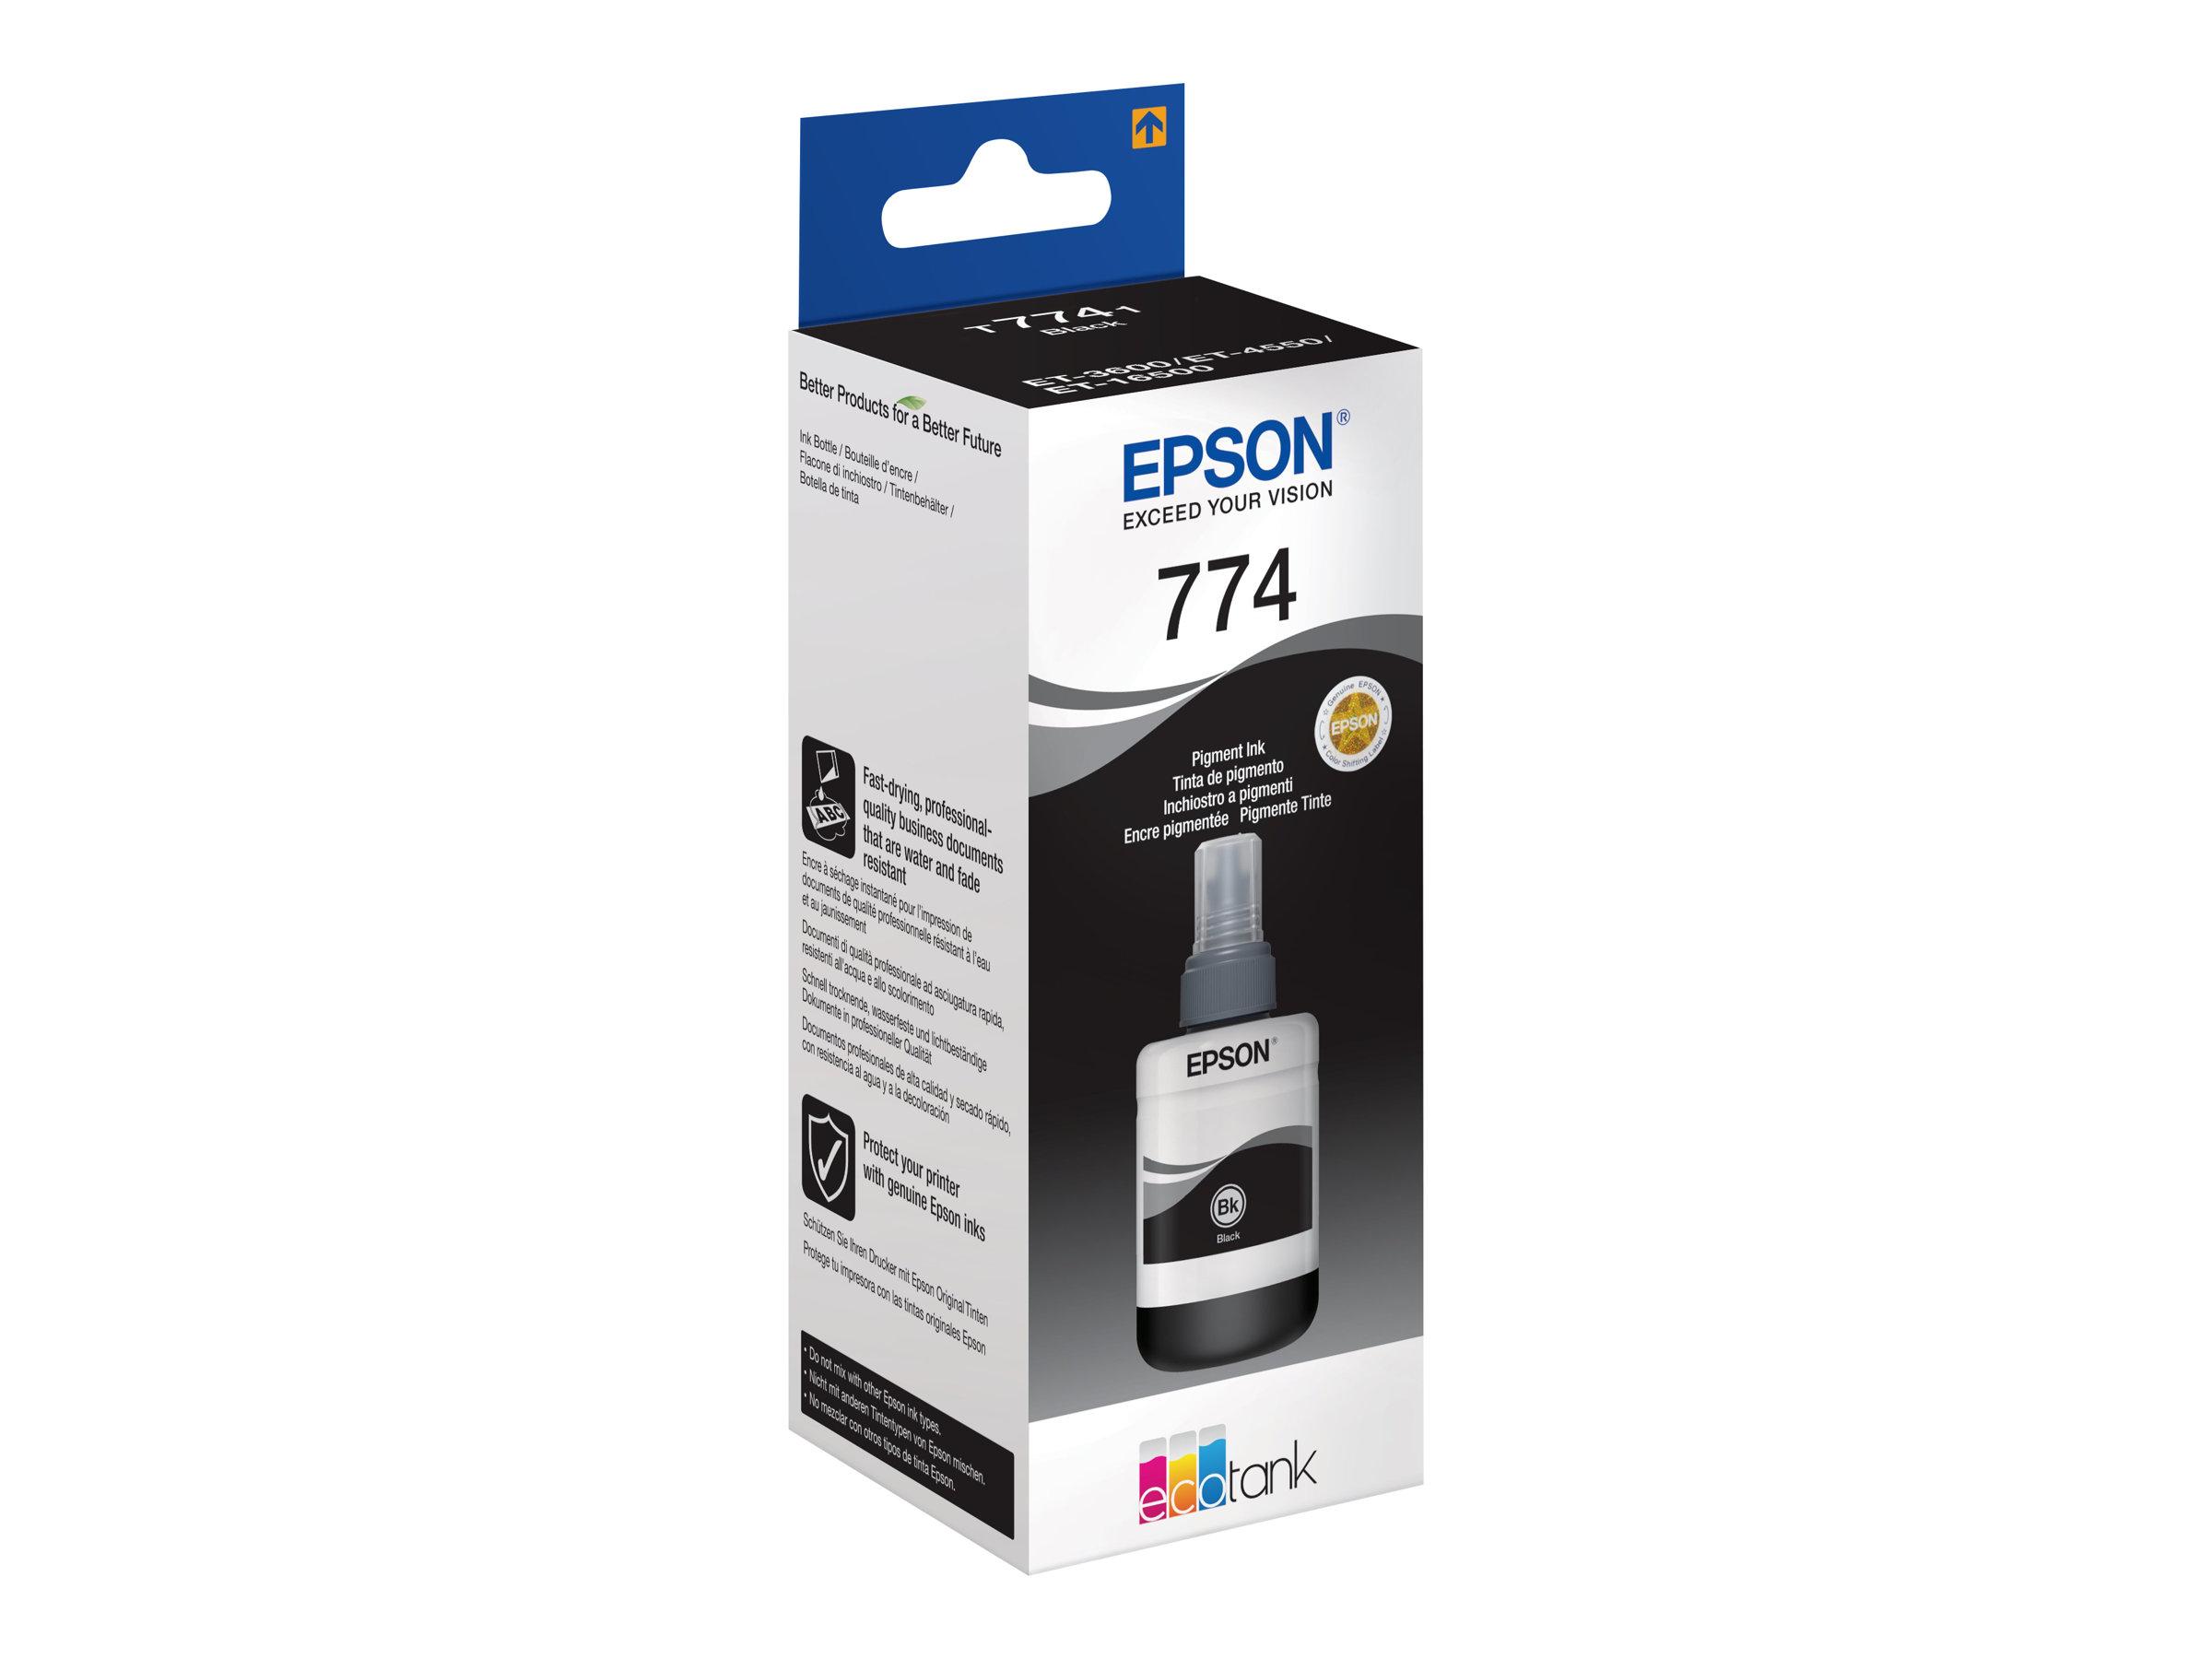 Epson T7741 - 140 ml - Schwarz - Nachfülltinte - für EcoTank ET-16500, ET-3600, ET-4550, ET-4550 Stickers